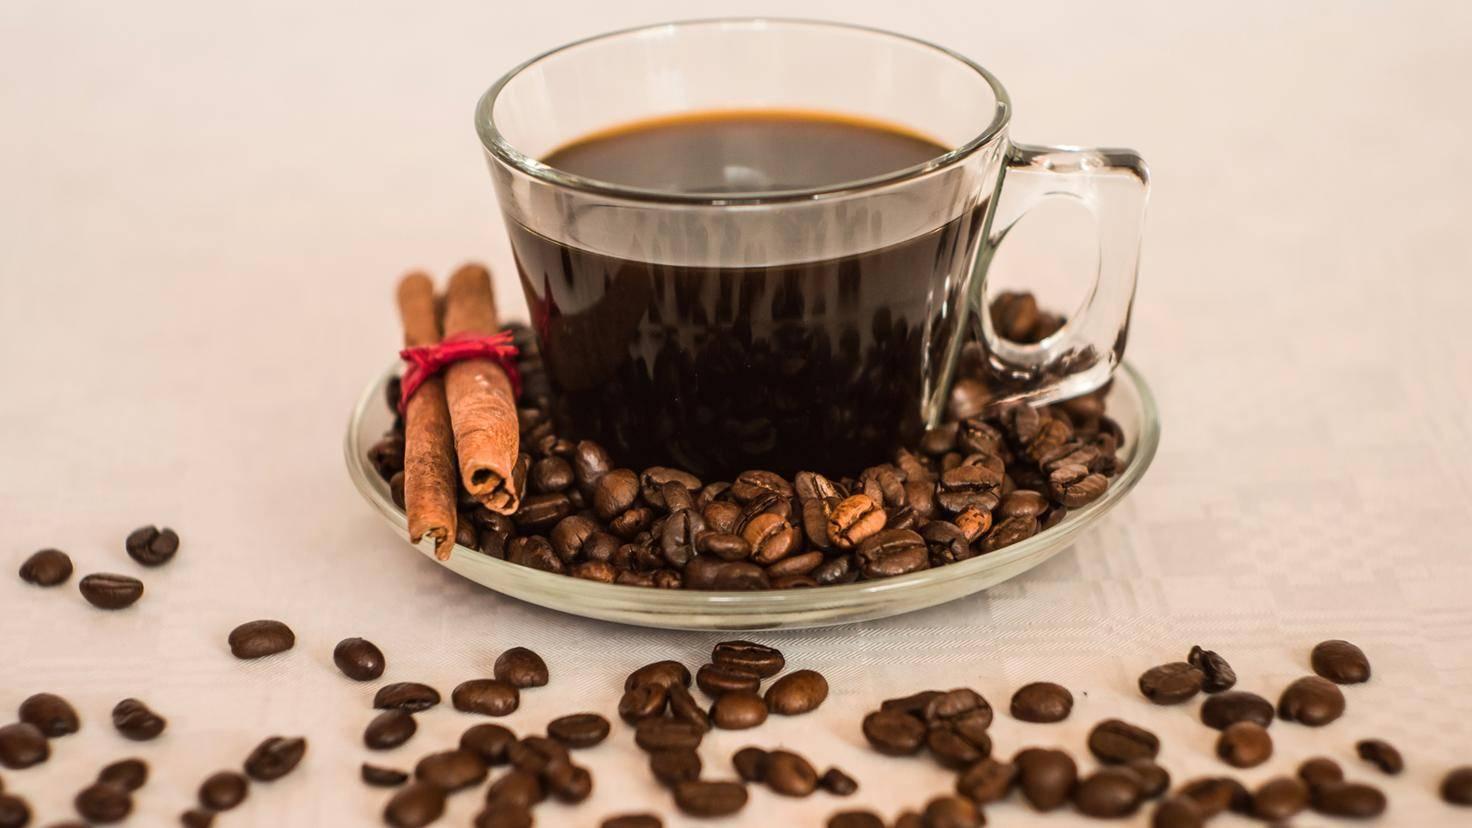 Ein langer Espresso, auch Americano genannt, schmeckt aus Vollautomaten oft besser, als der voreingestellte Café Crème.